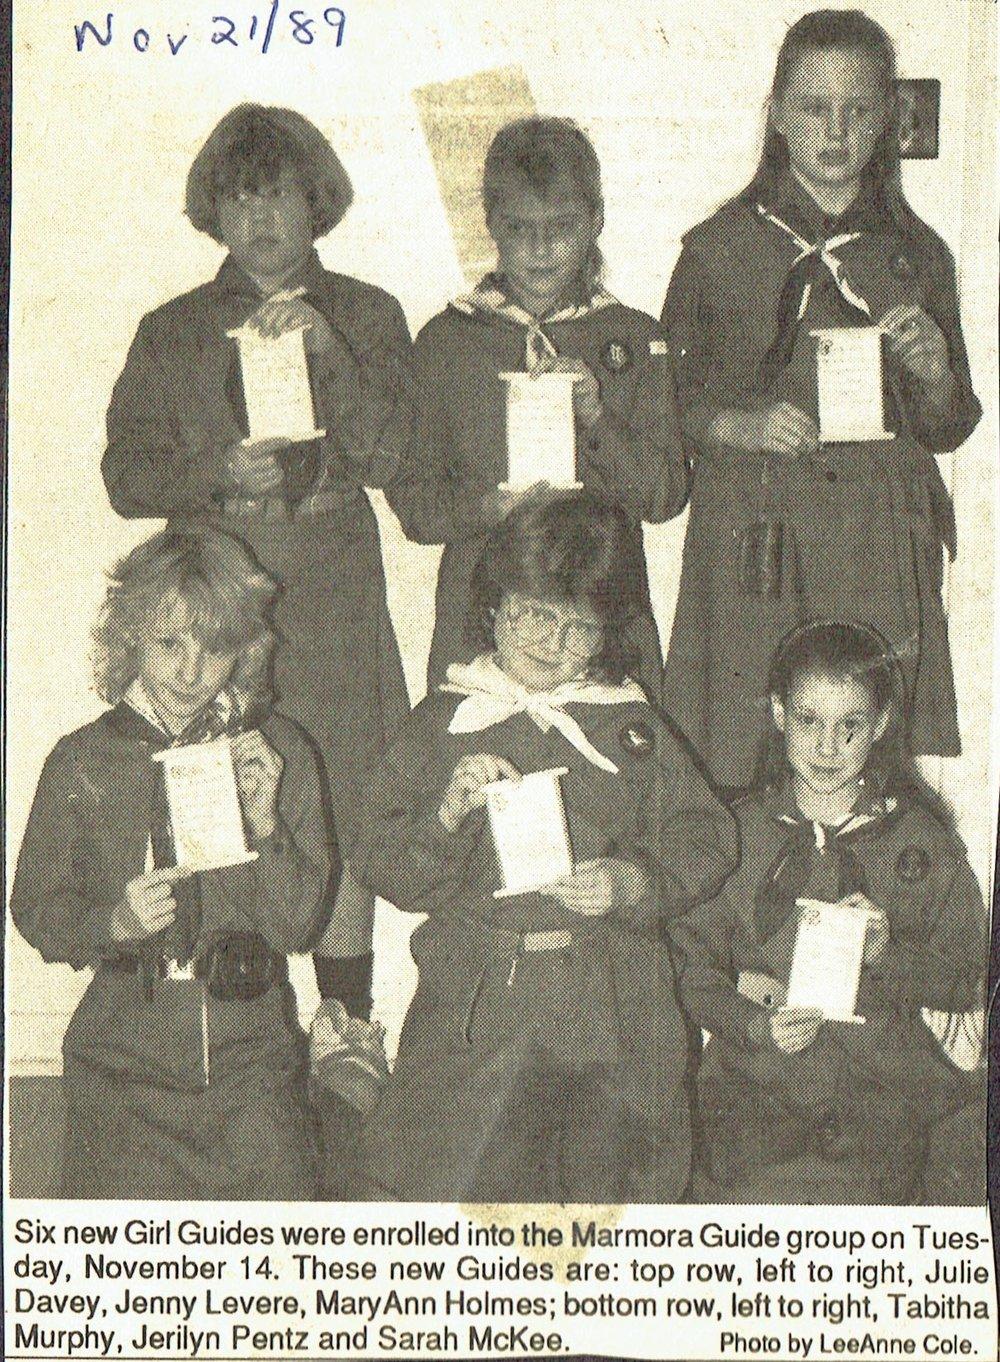 Girl guides 1989.jpg